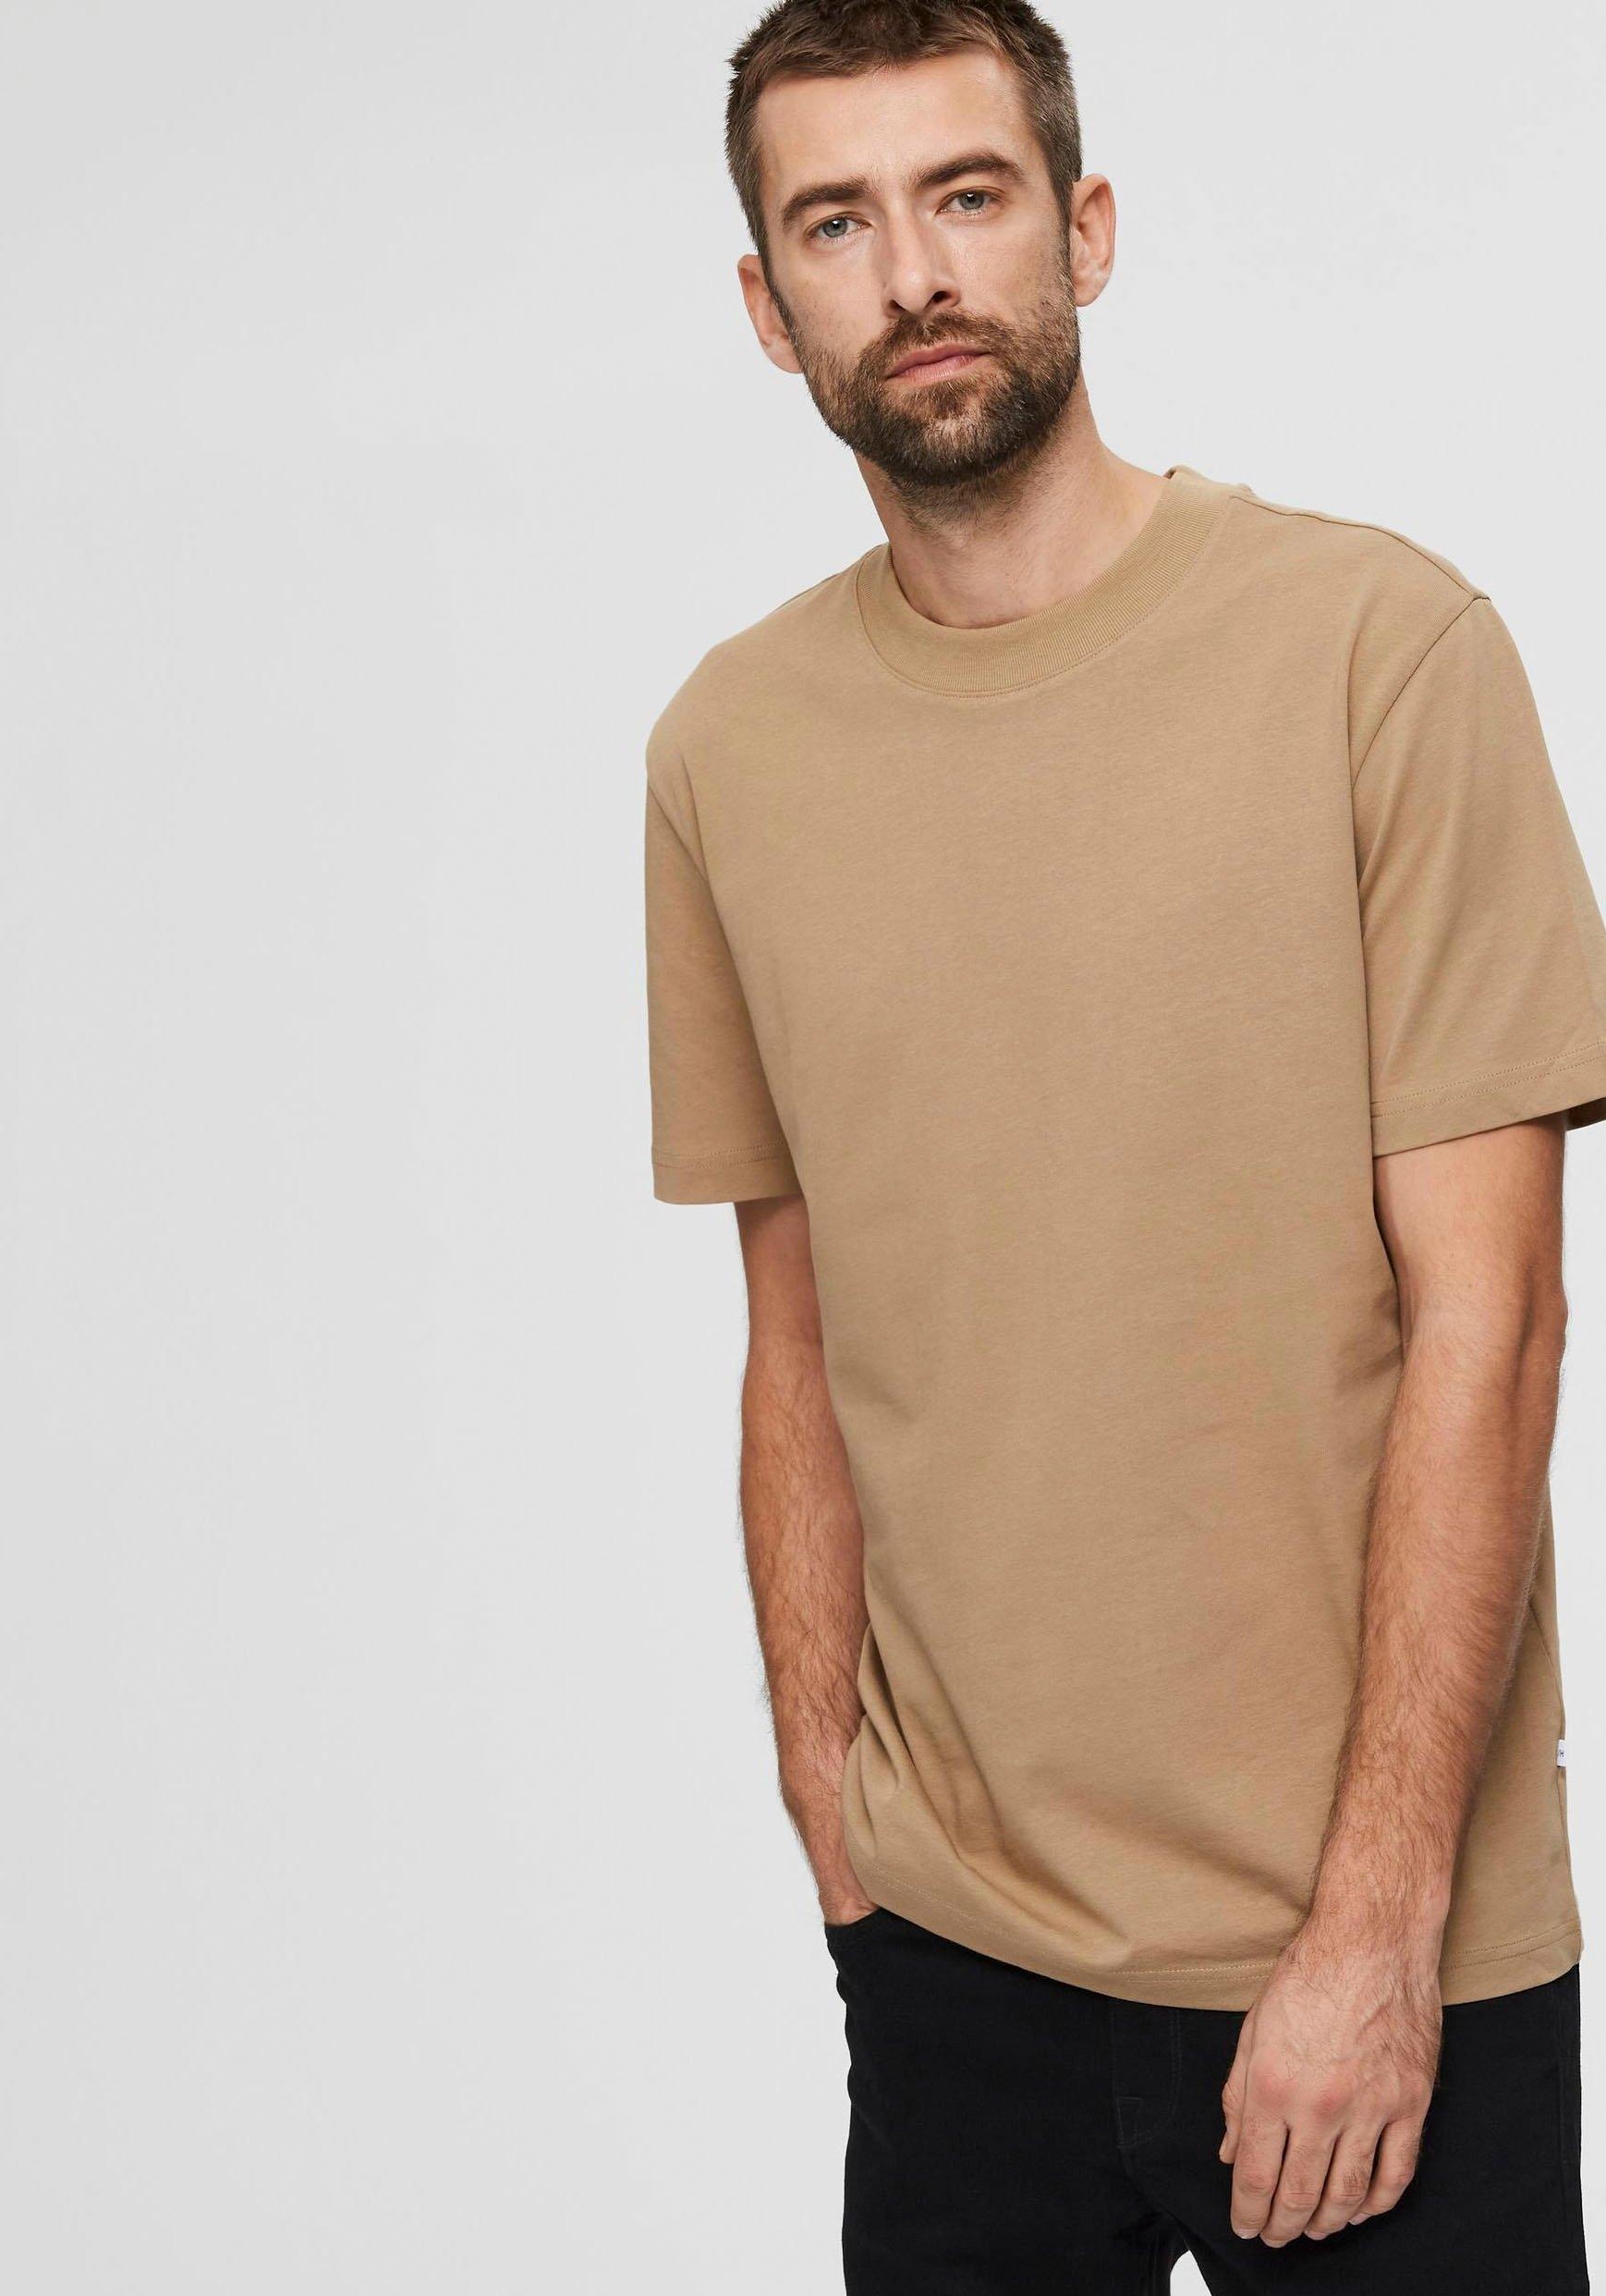 SELECTED HOMME T-shirt RELAX COLMAN O-NECK TEE bestellen: 30 dagen bedenktijd